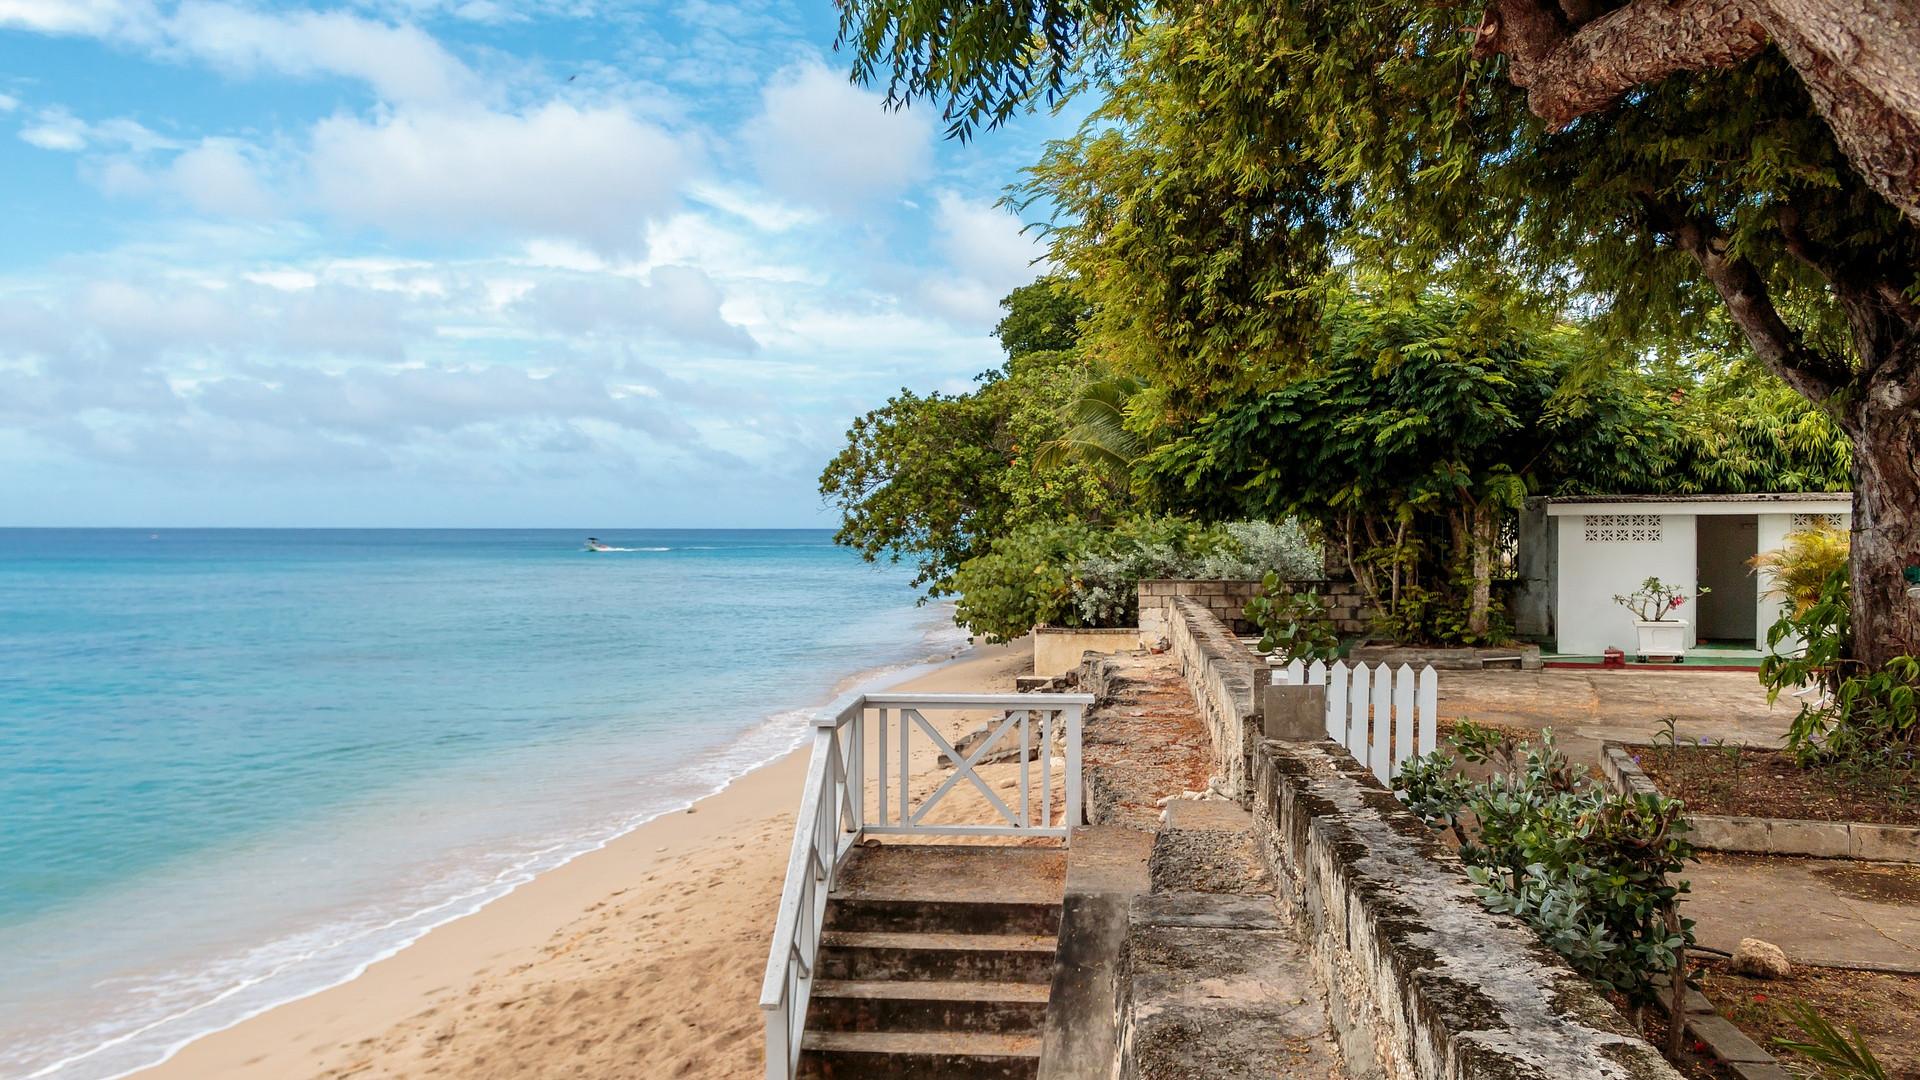 Best restaurants in Barbados: A deserted beach